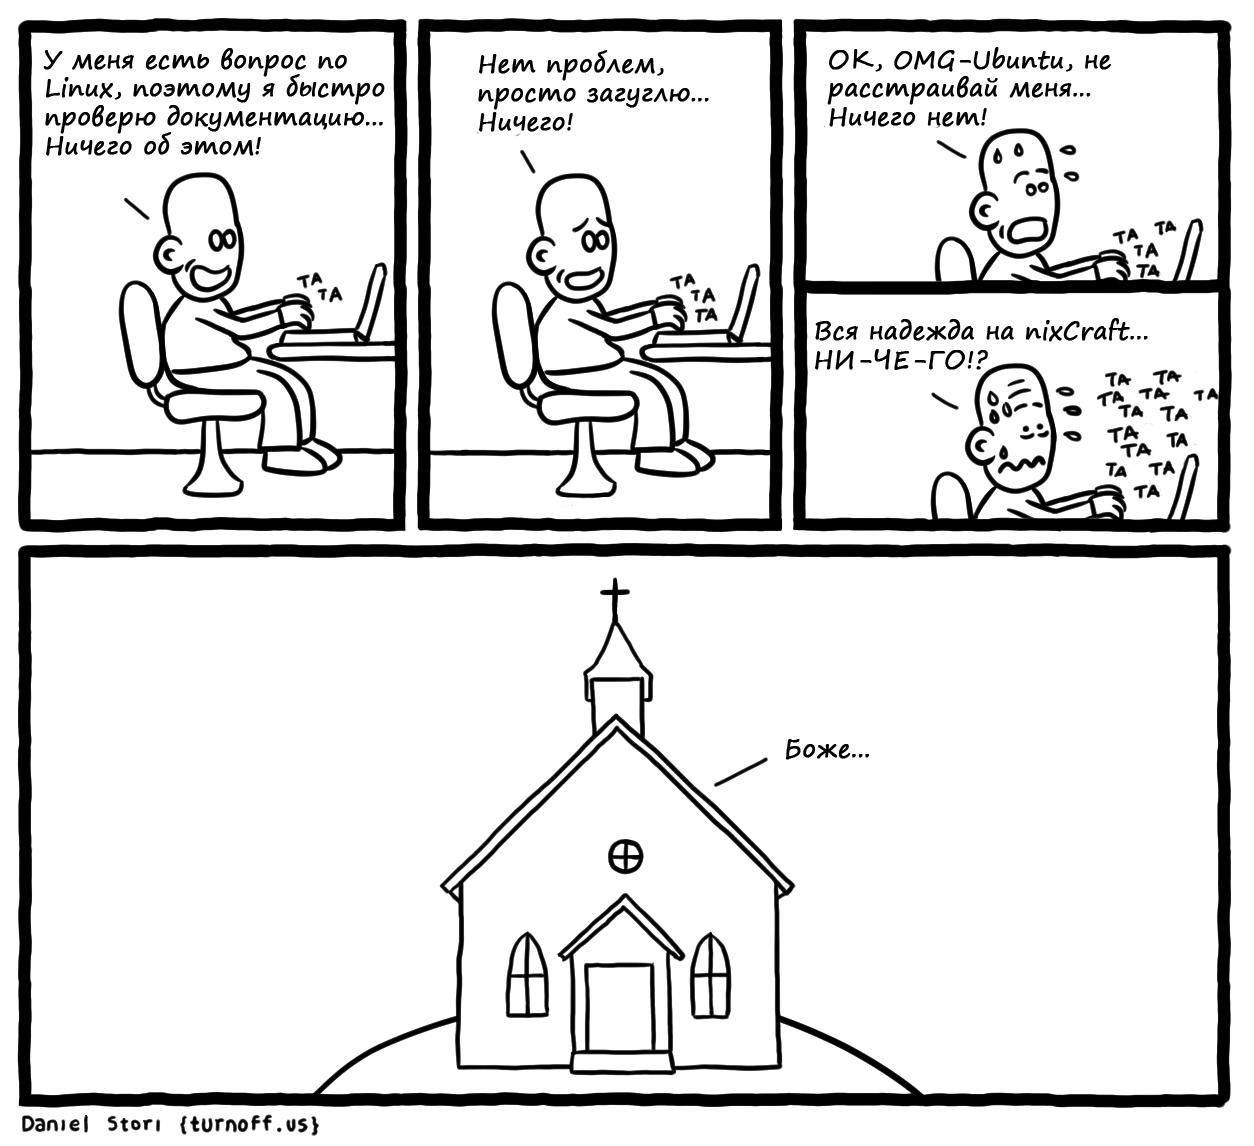 Комиксы Даниэля Стори (часть 2) - 3